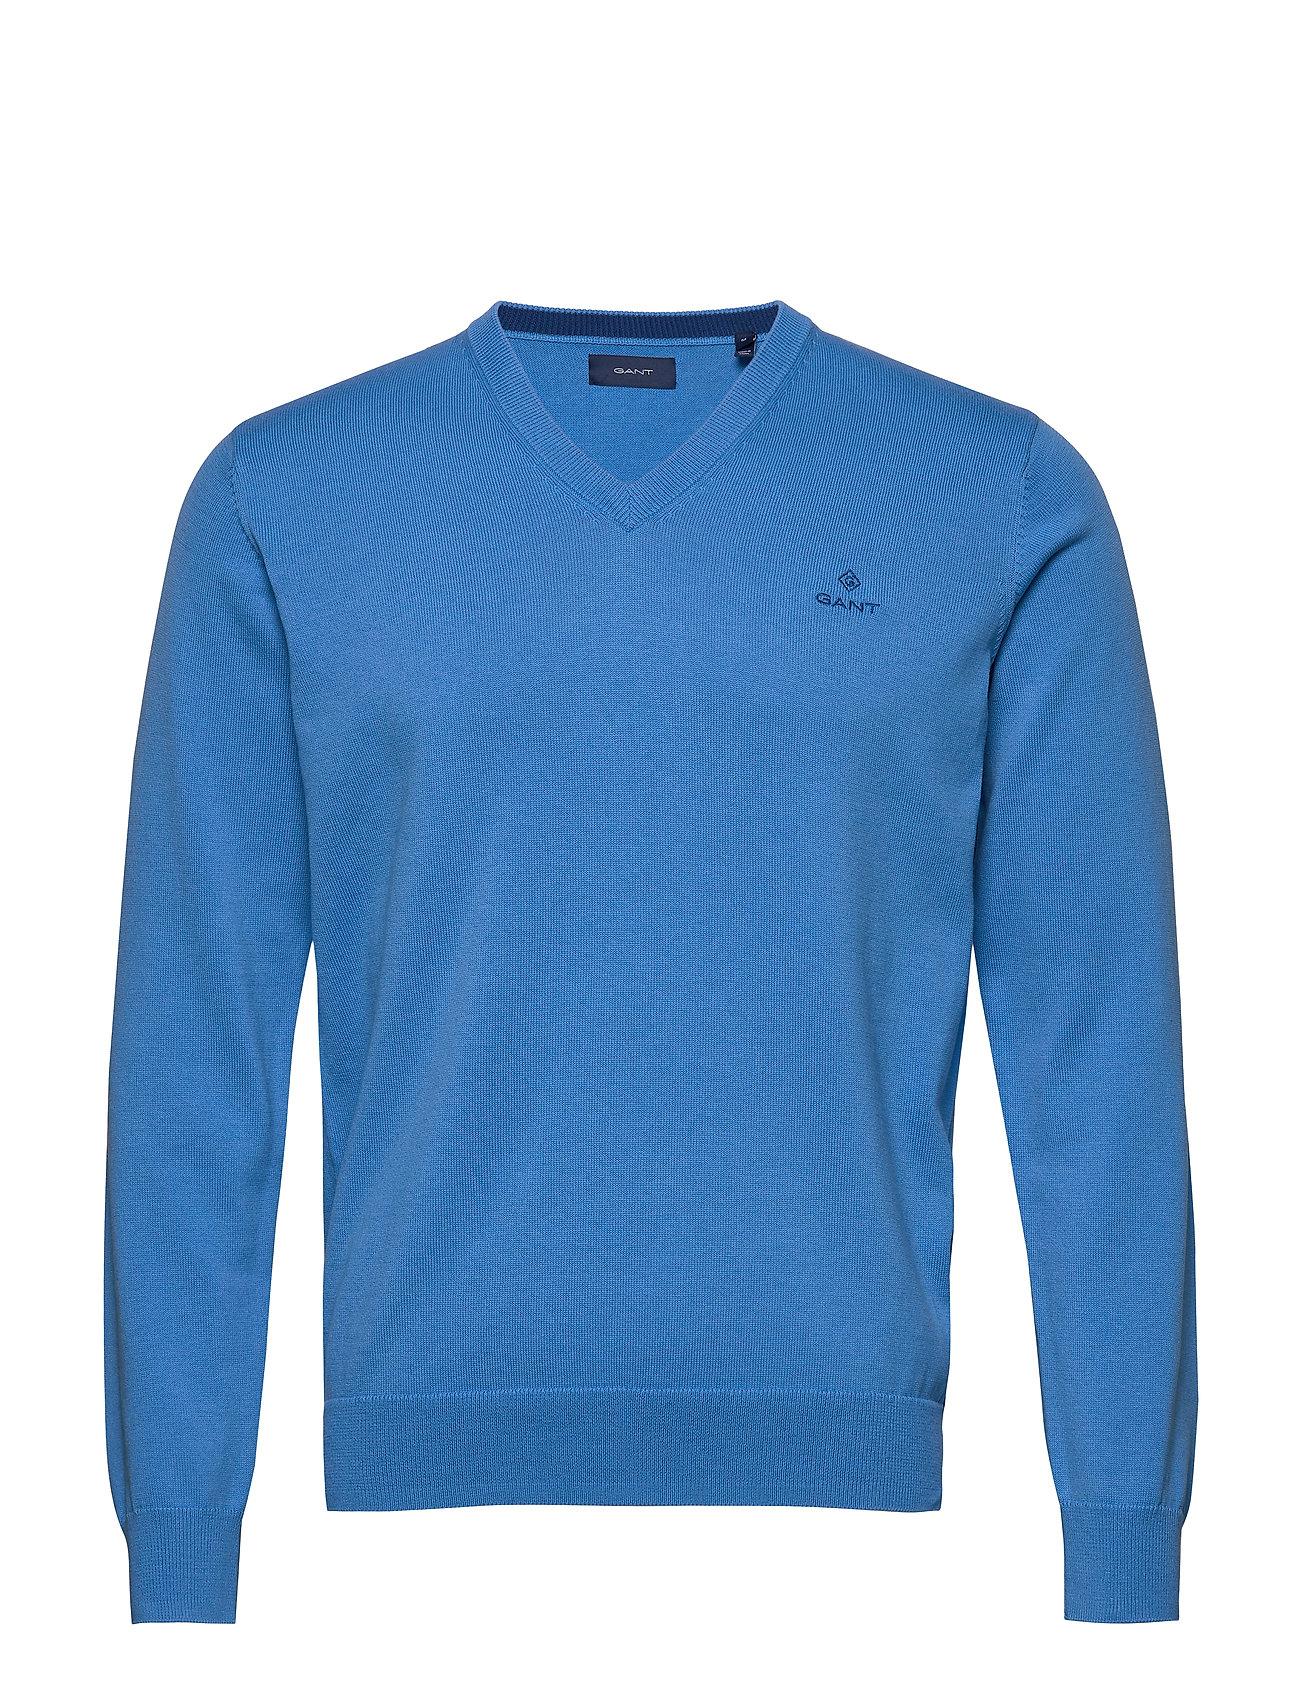 Gant CLASSIC COTTON V-NECK - PACIFIC BLUE